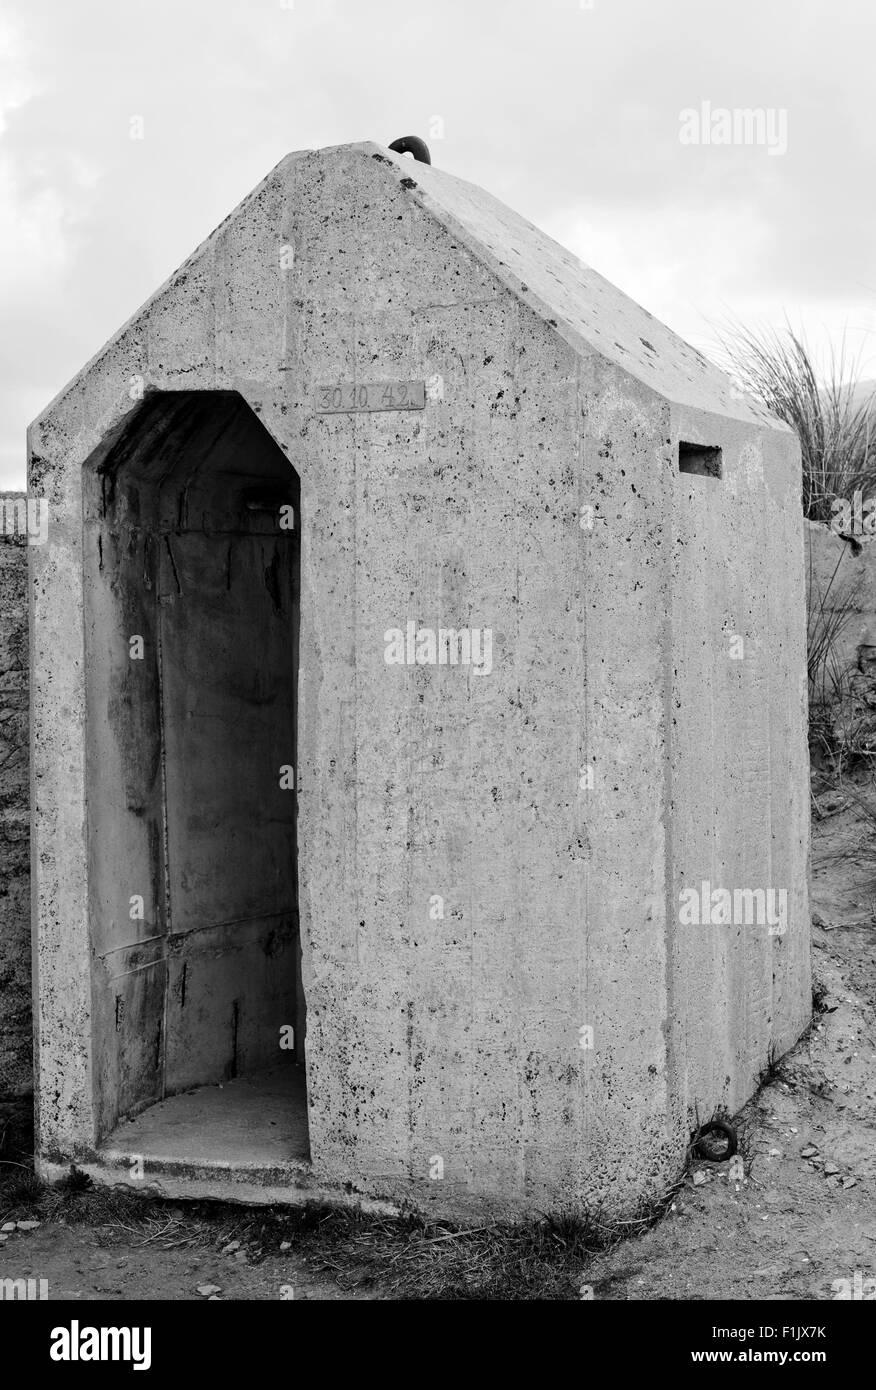 deutschland bunker ww2 utah beach ist eines der f nf. Black Bedroom Furniture Sets. Home Design Ideas